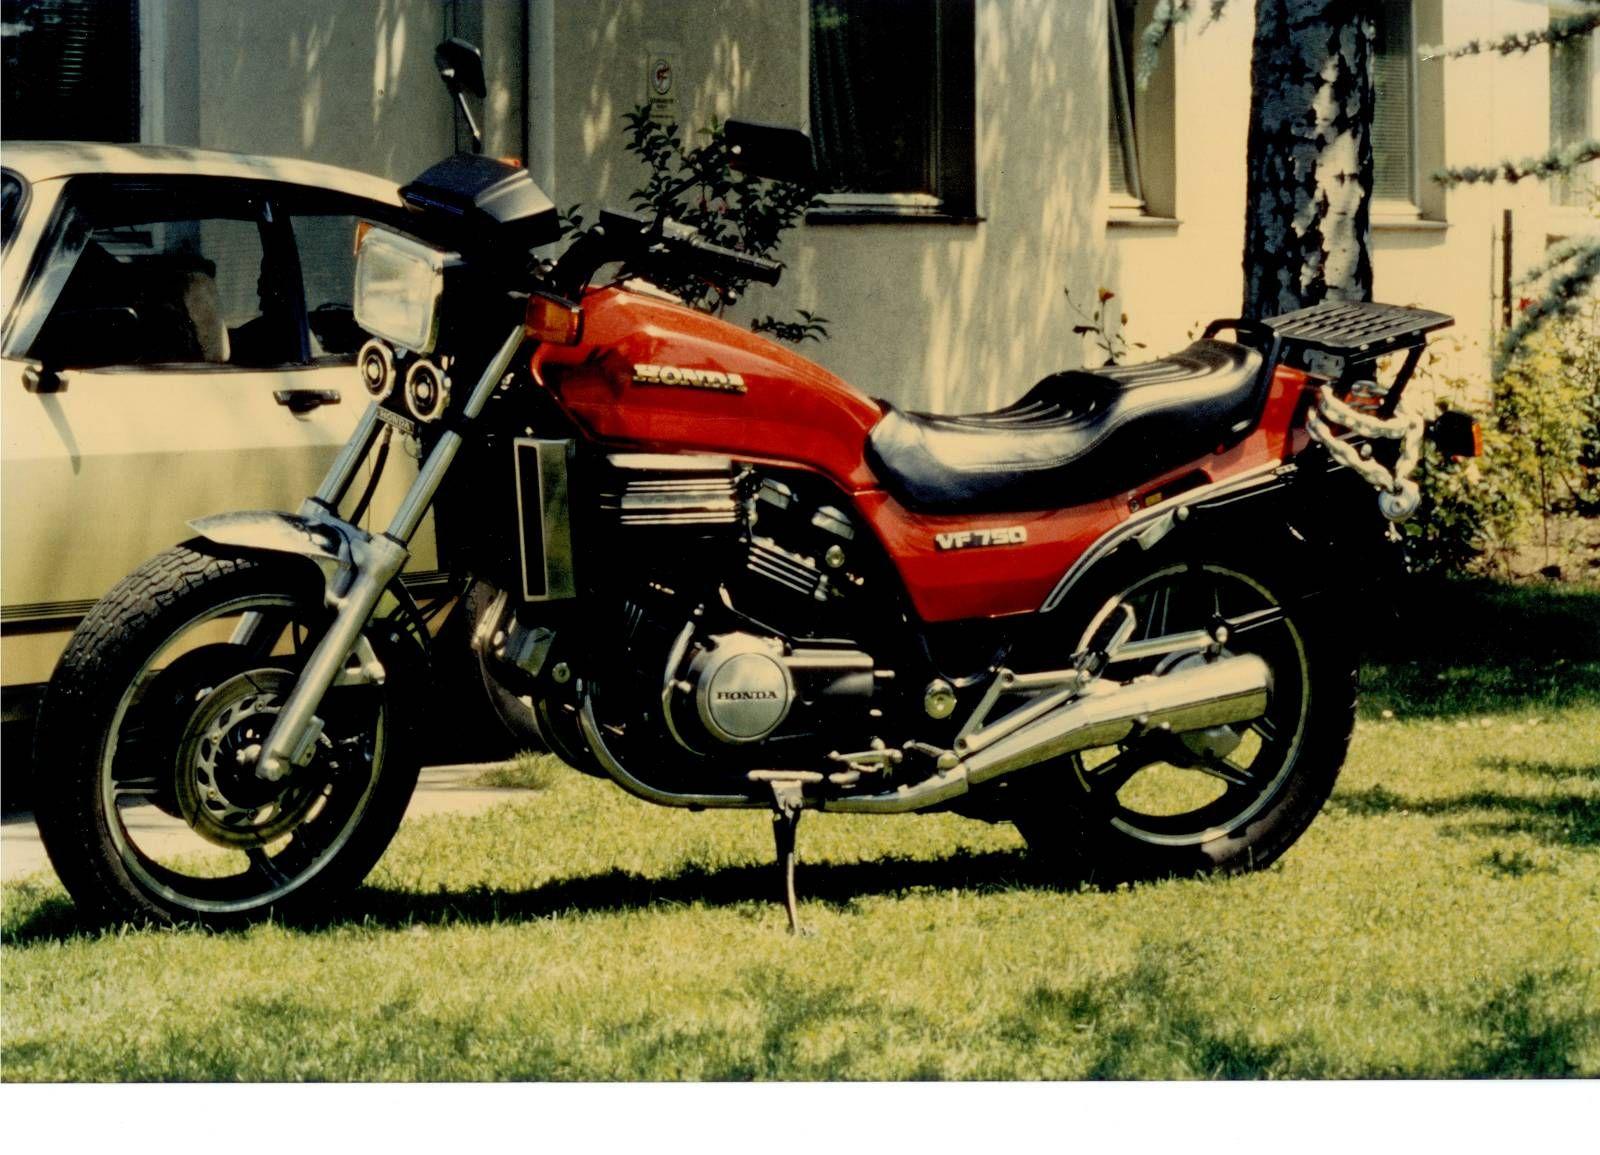 Oldtimer Honda VF 750 F RC15 gepflegter Zustand VF750 B